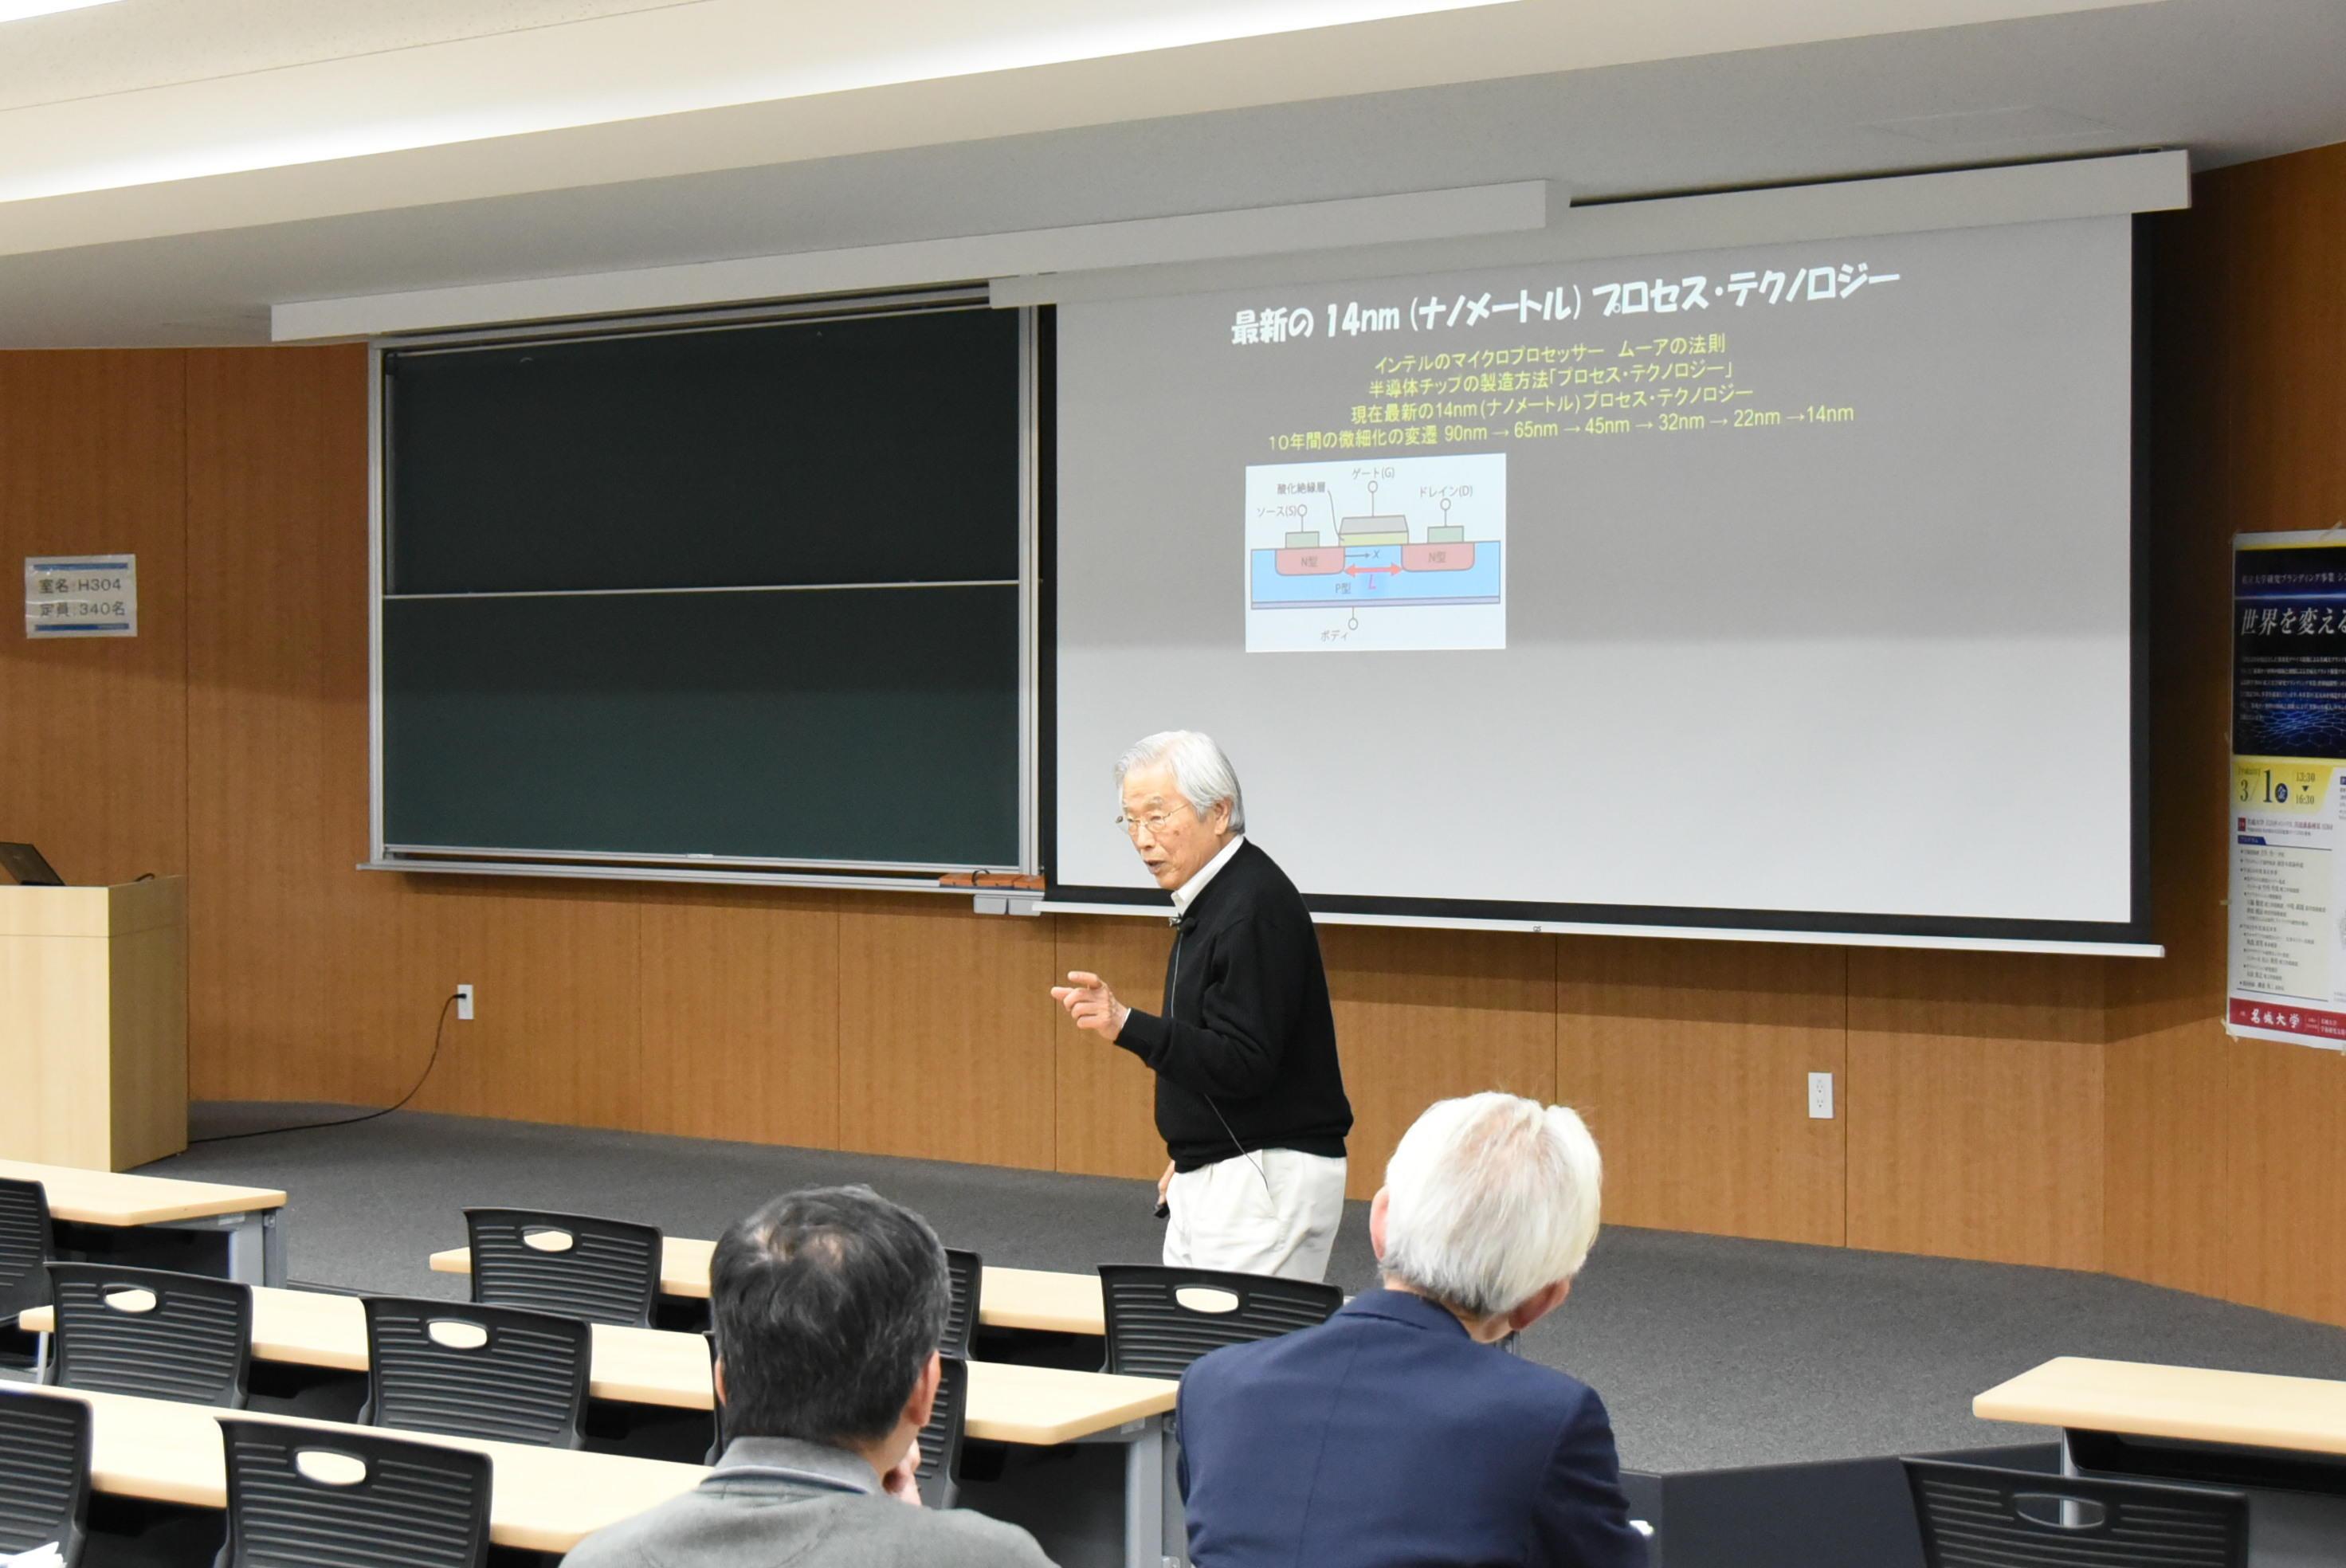 飯島終身教授が挨拶の中で若手研究者を鼓舞